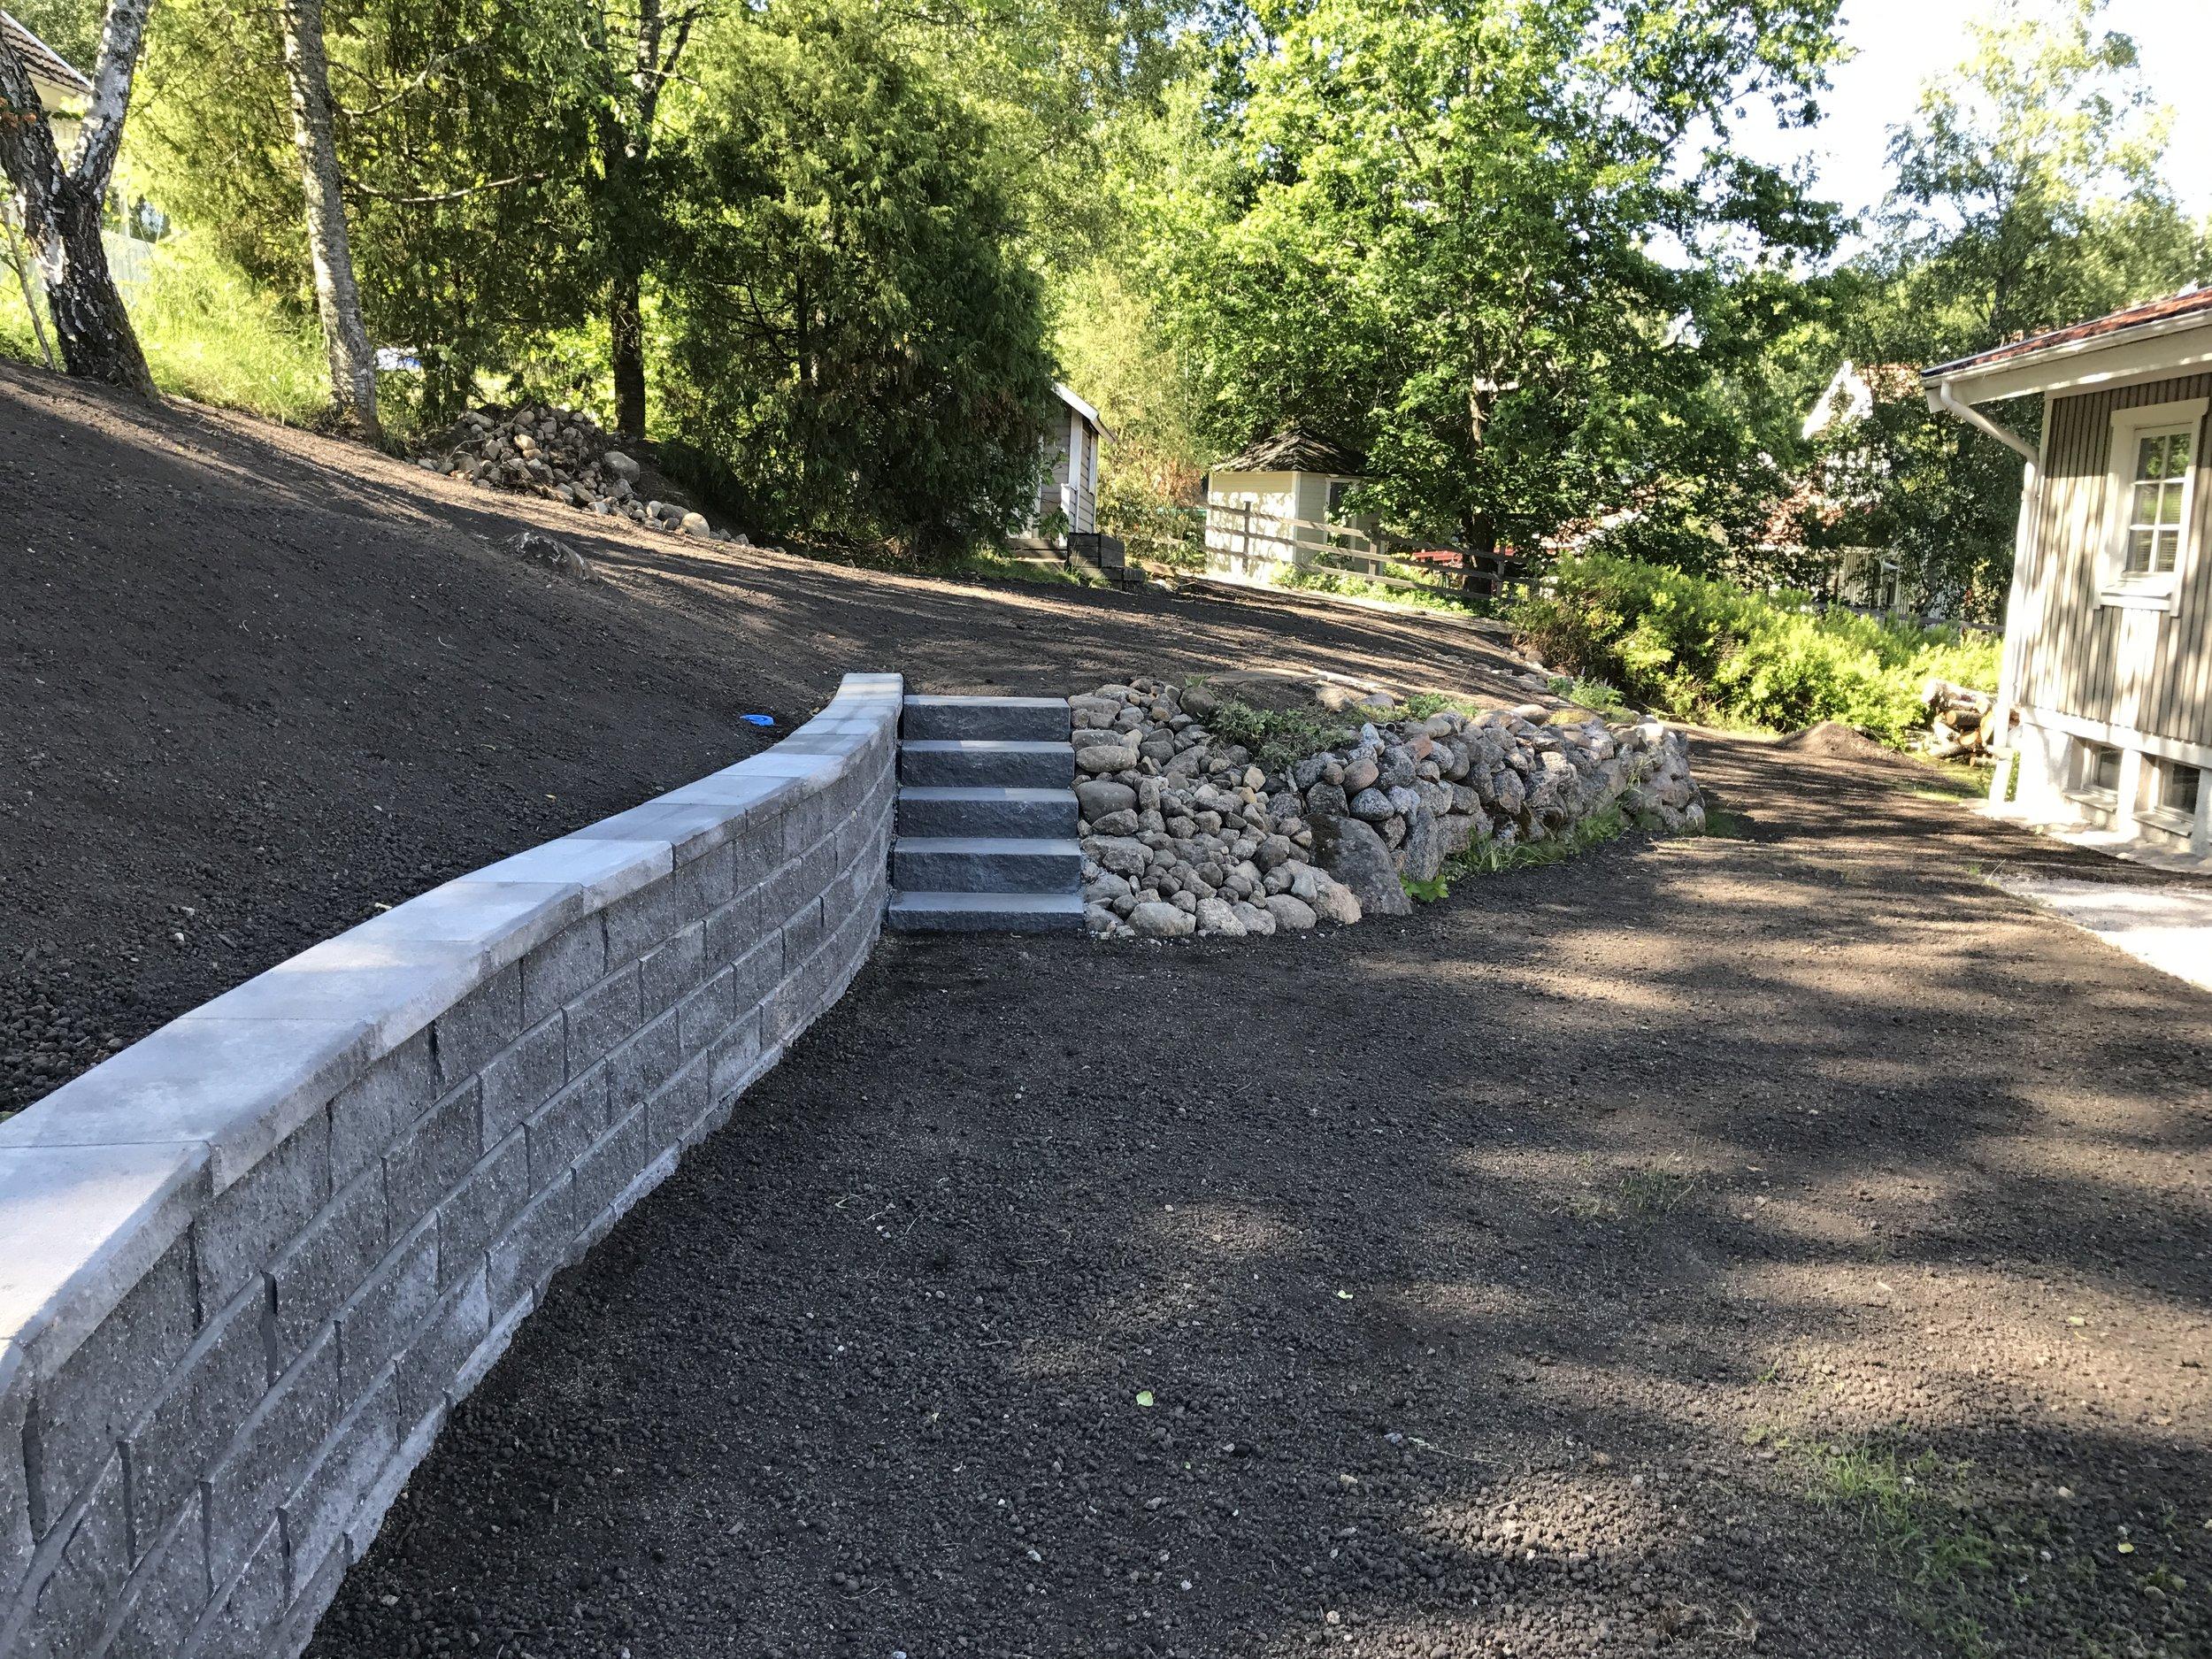 mur och trapp övergång till natusstensmur 0446.JPG